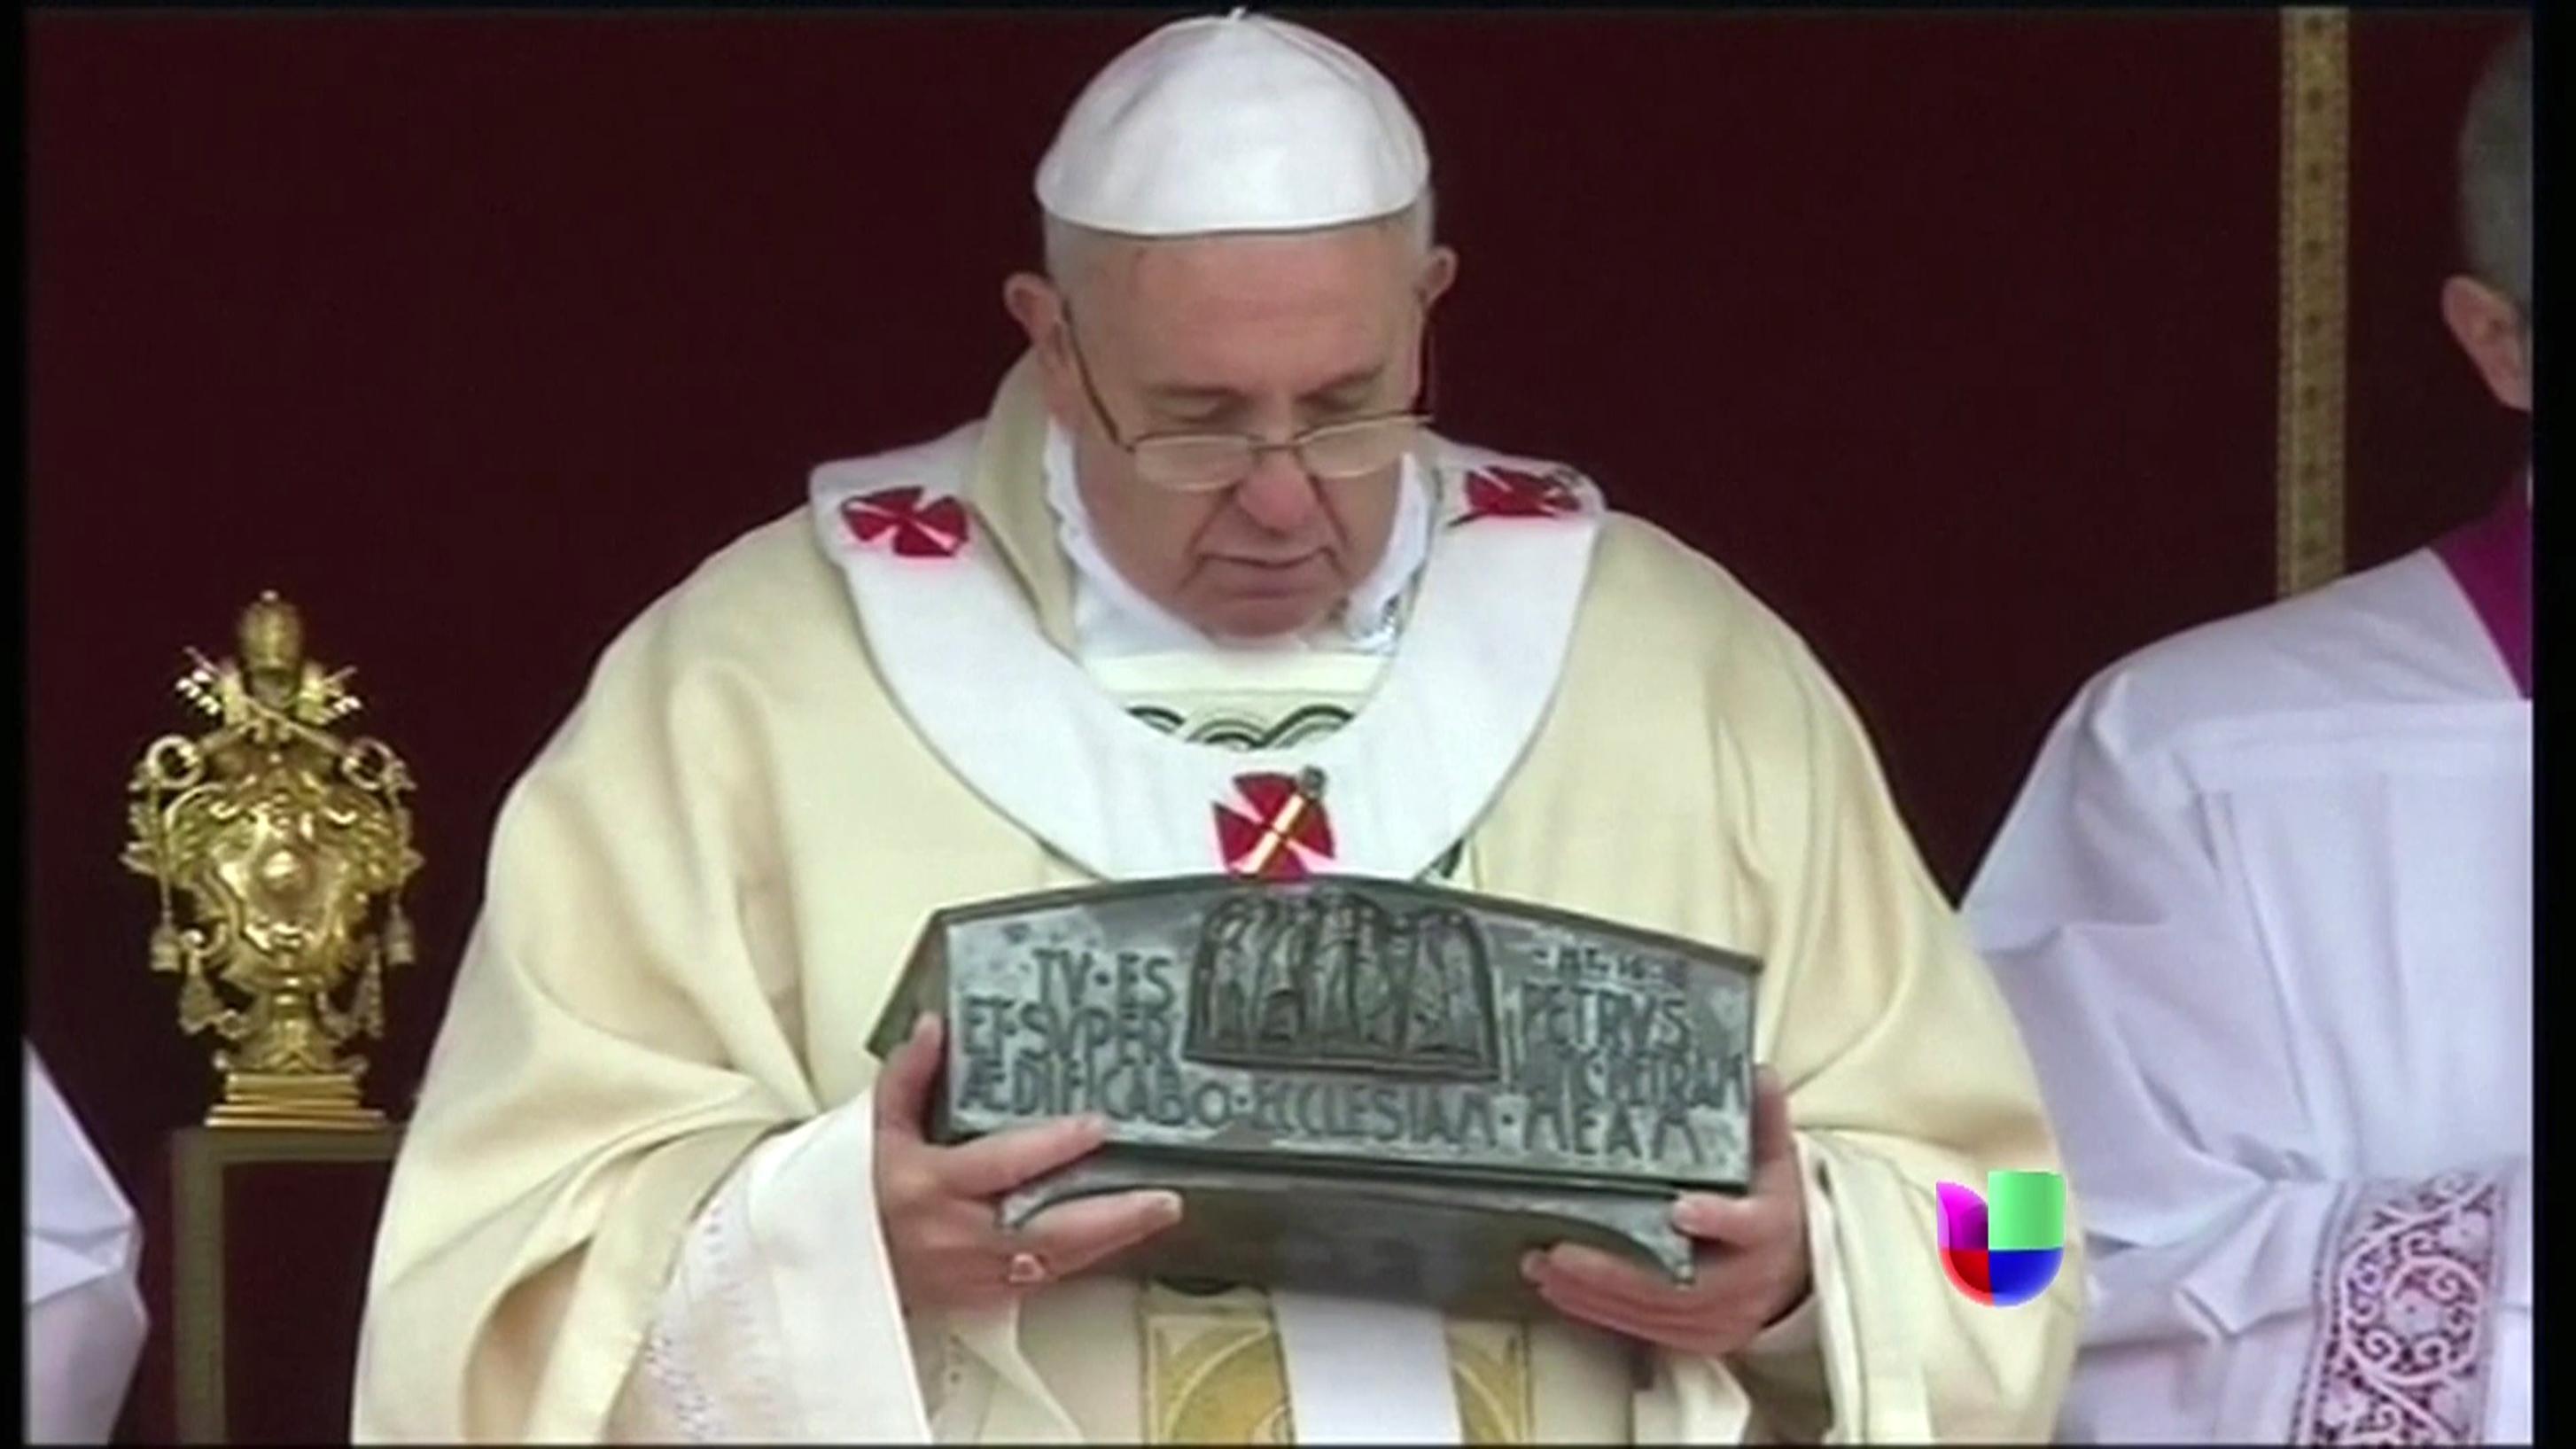 El vaticano muestra en p blico los huesos de san pedro - Pedro piqueras biografia ...